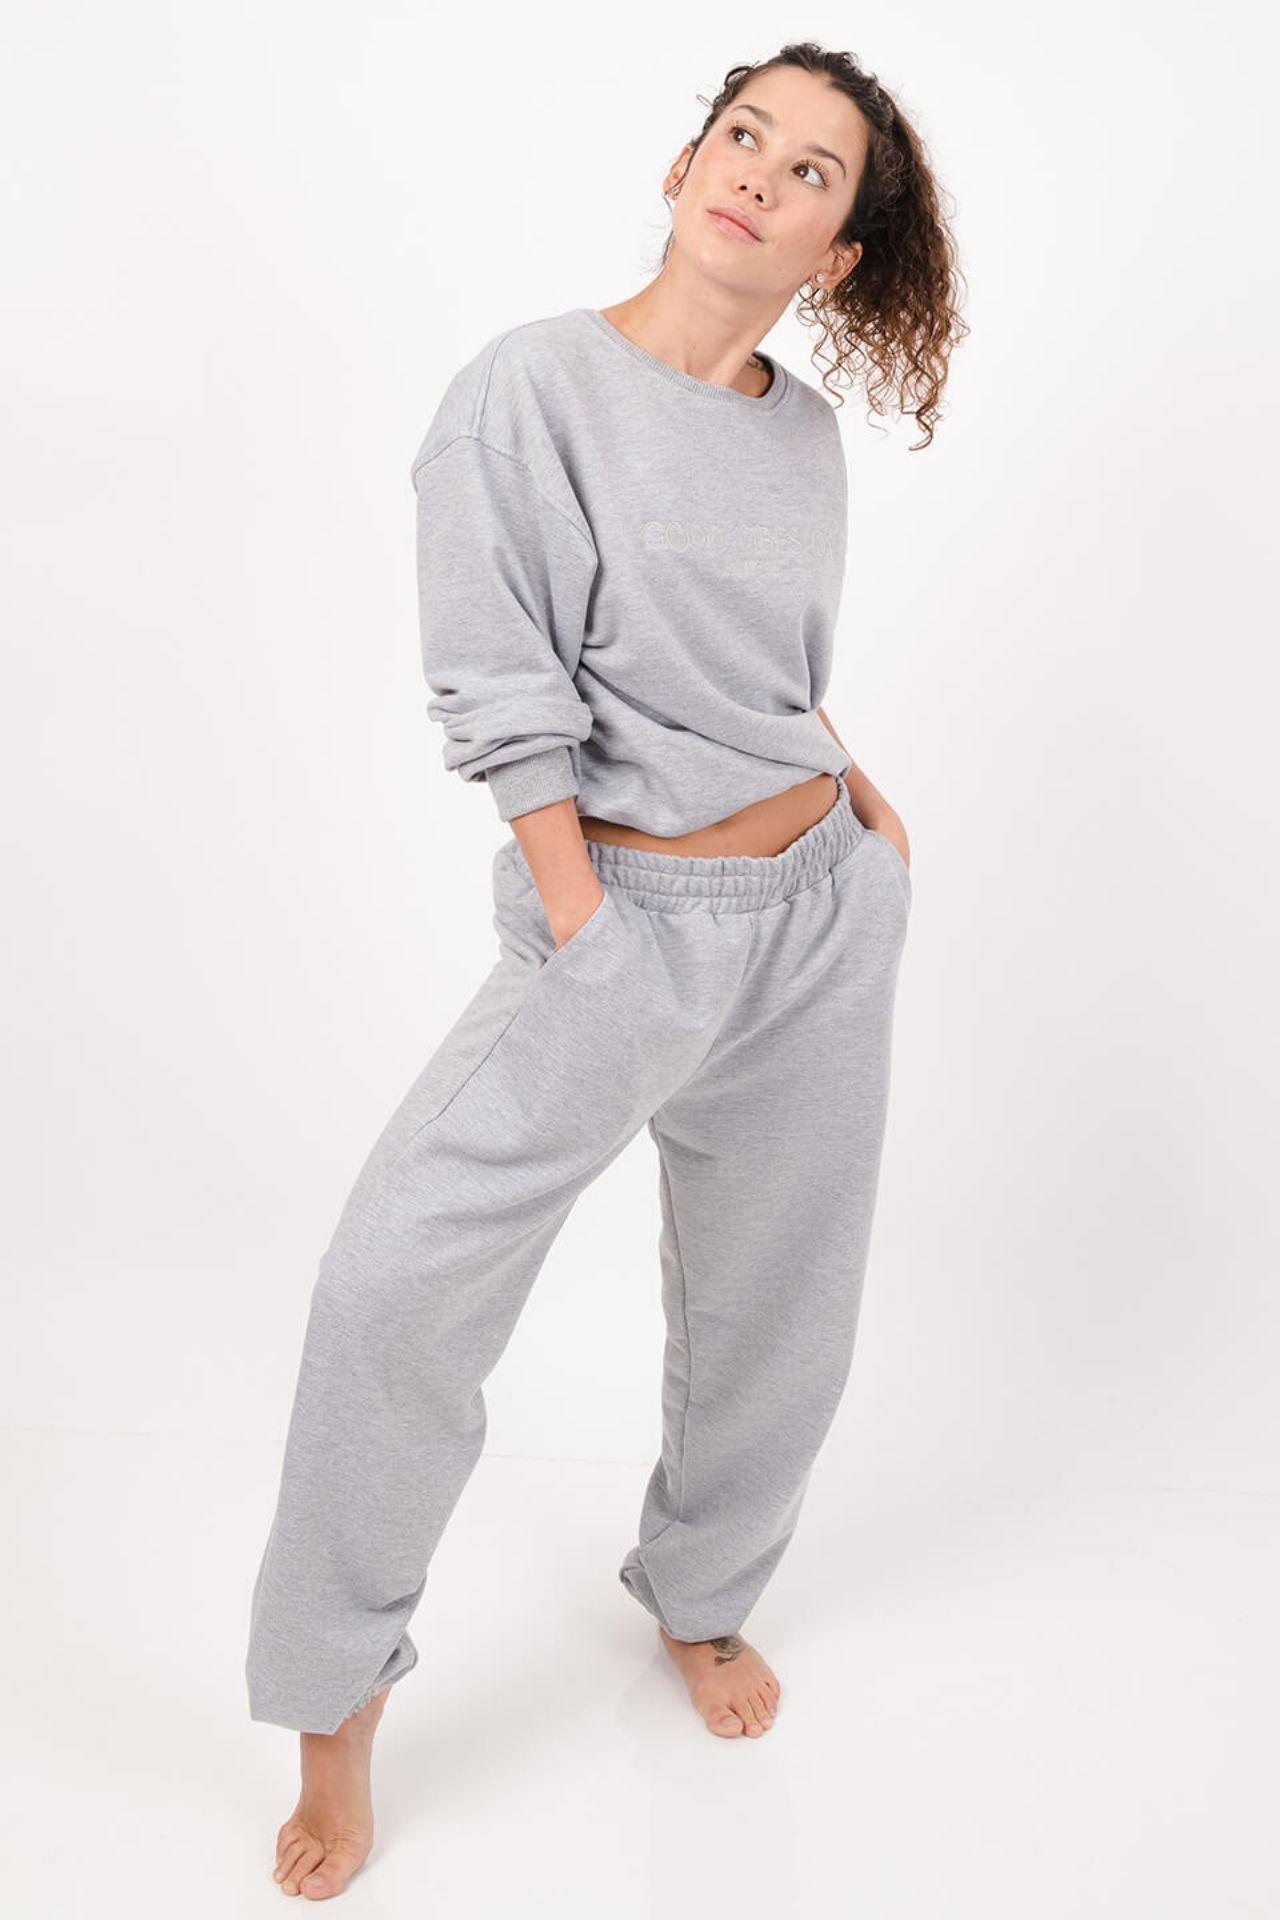 Set 2 piezas. Crew neck y jogger al tobillo. Sweatshirt con bordado adelante. Franela 3 hilos.  Composición: 100% algodón.